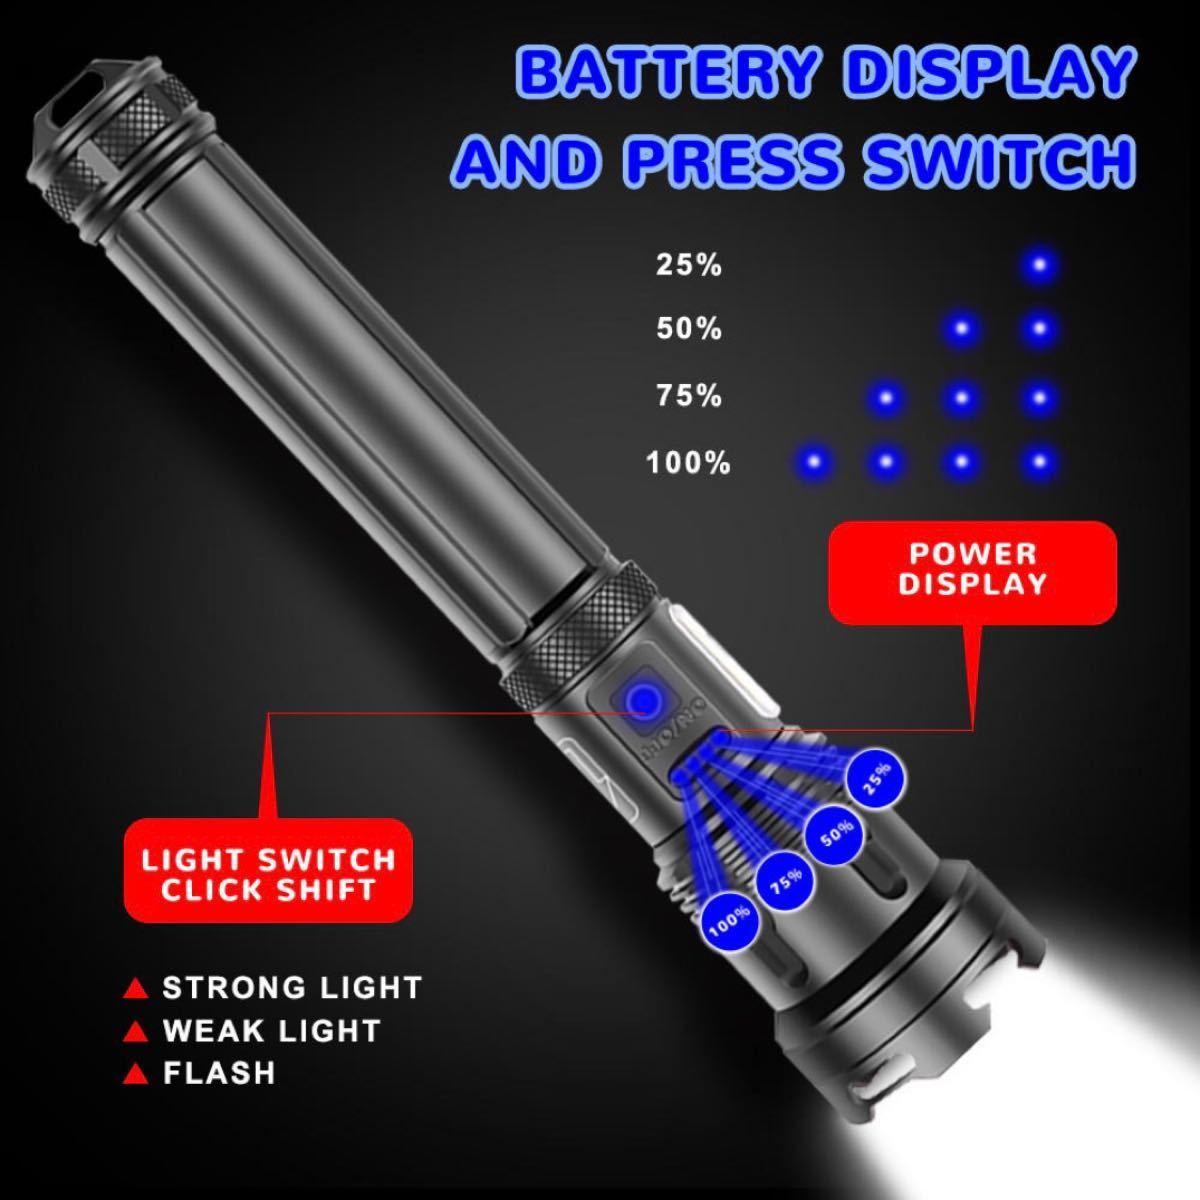 最新LED XHP110+COB 超高輝度タクティカルハンディライト・ランタン 懐中電灯1※バッテリーなし 充電式 アウトドア